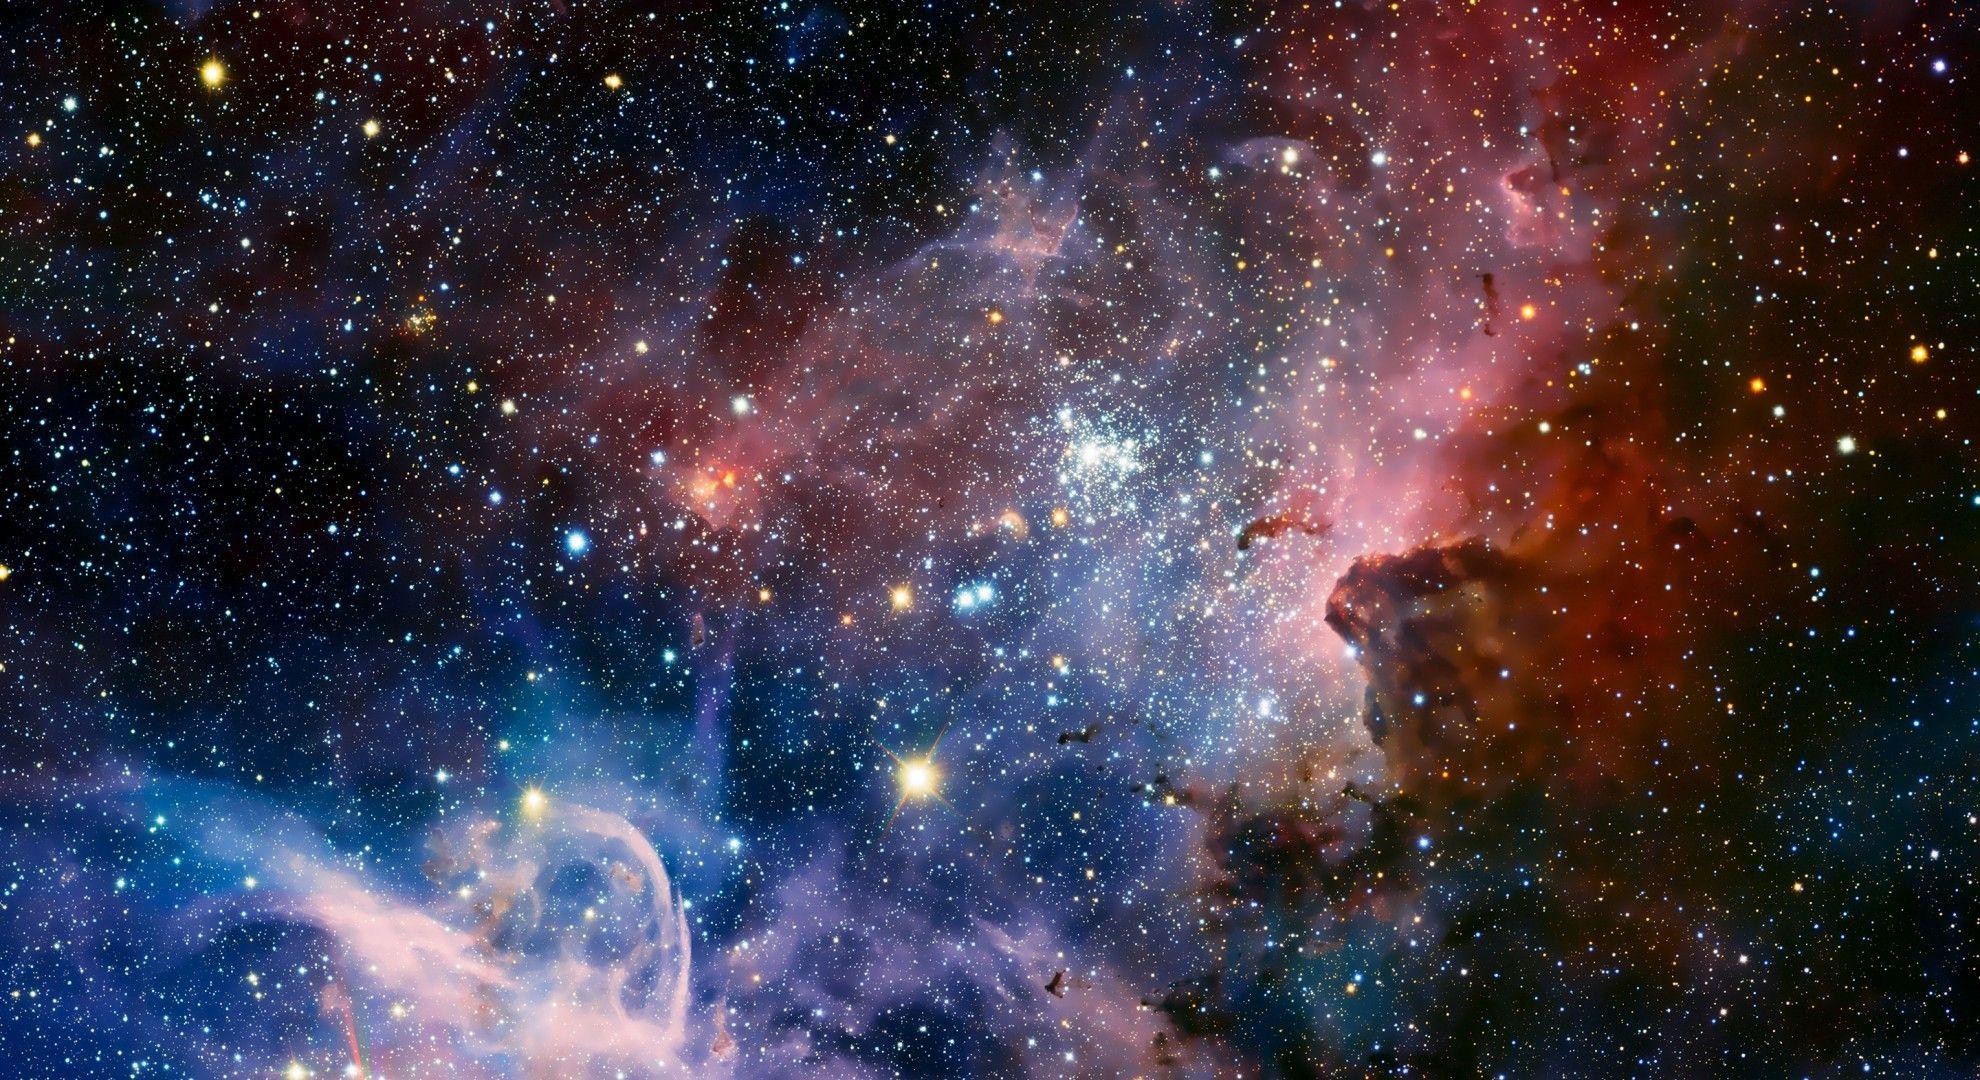 1980 X 1080 Nebula Wallpapers   Top 1980 X 1080 Nebula 1980x1080